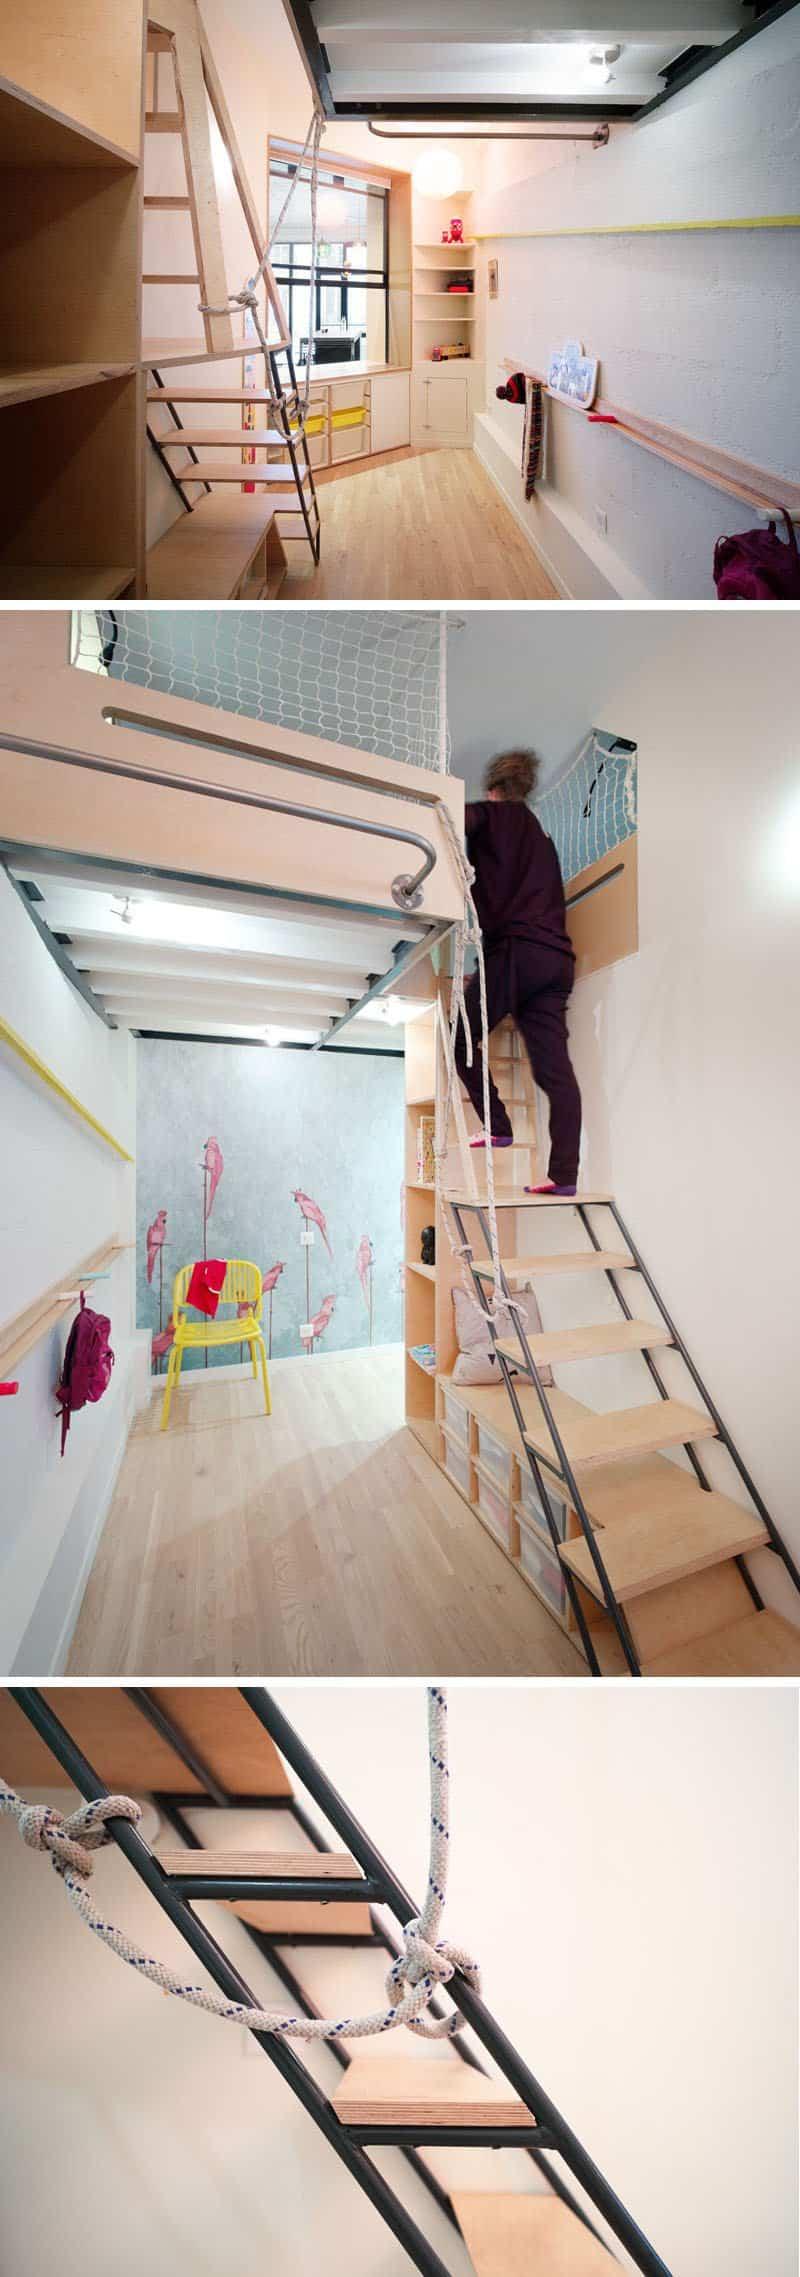 soluciones creativas espacios 7